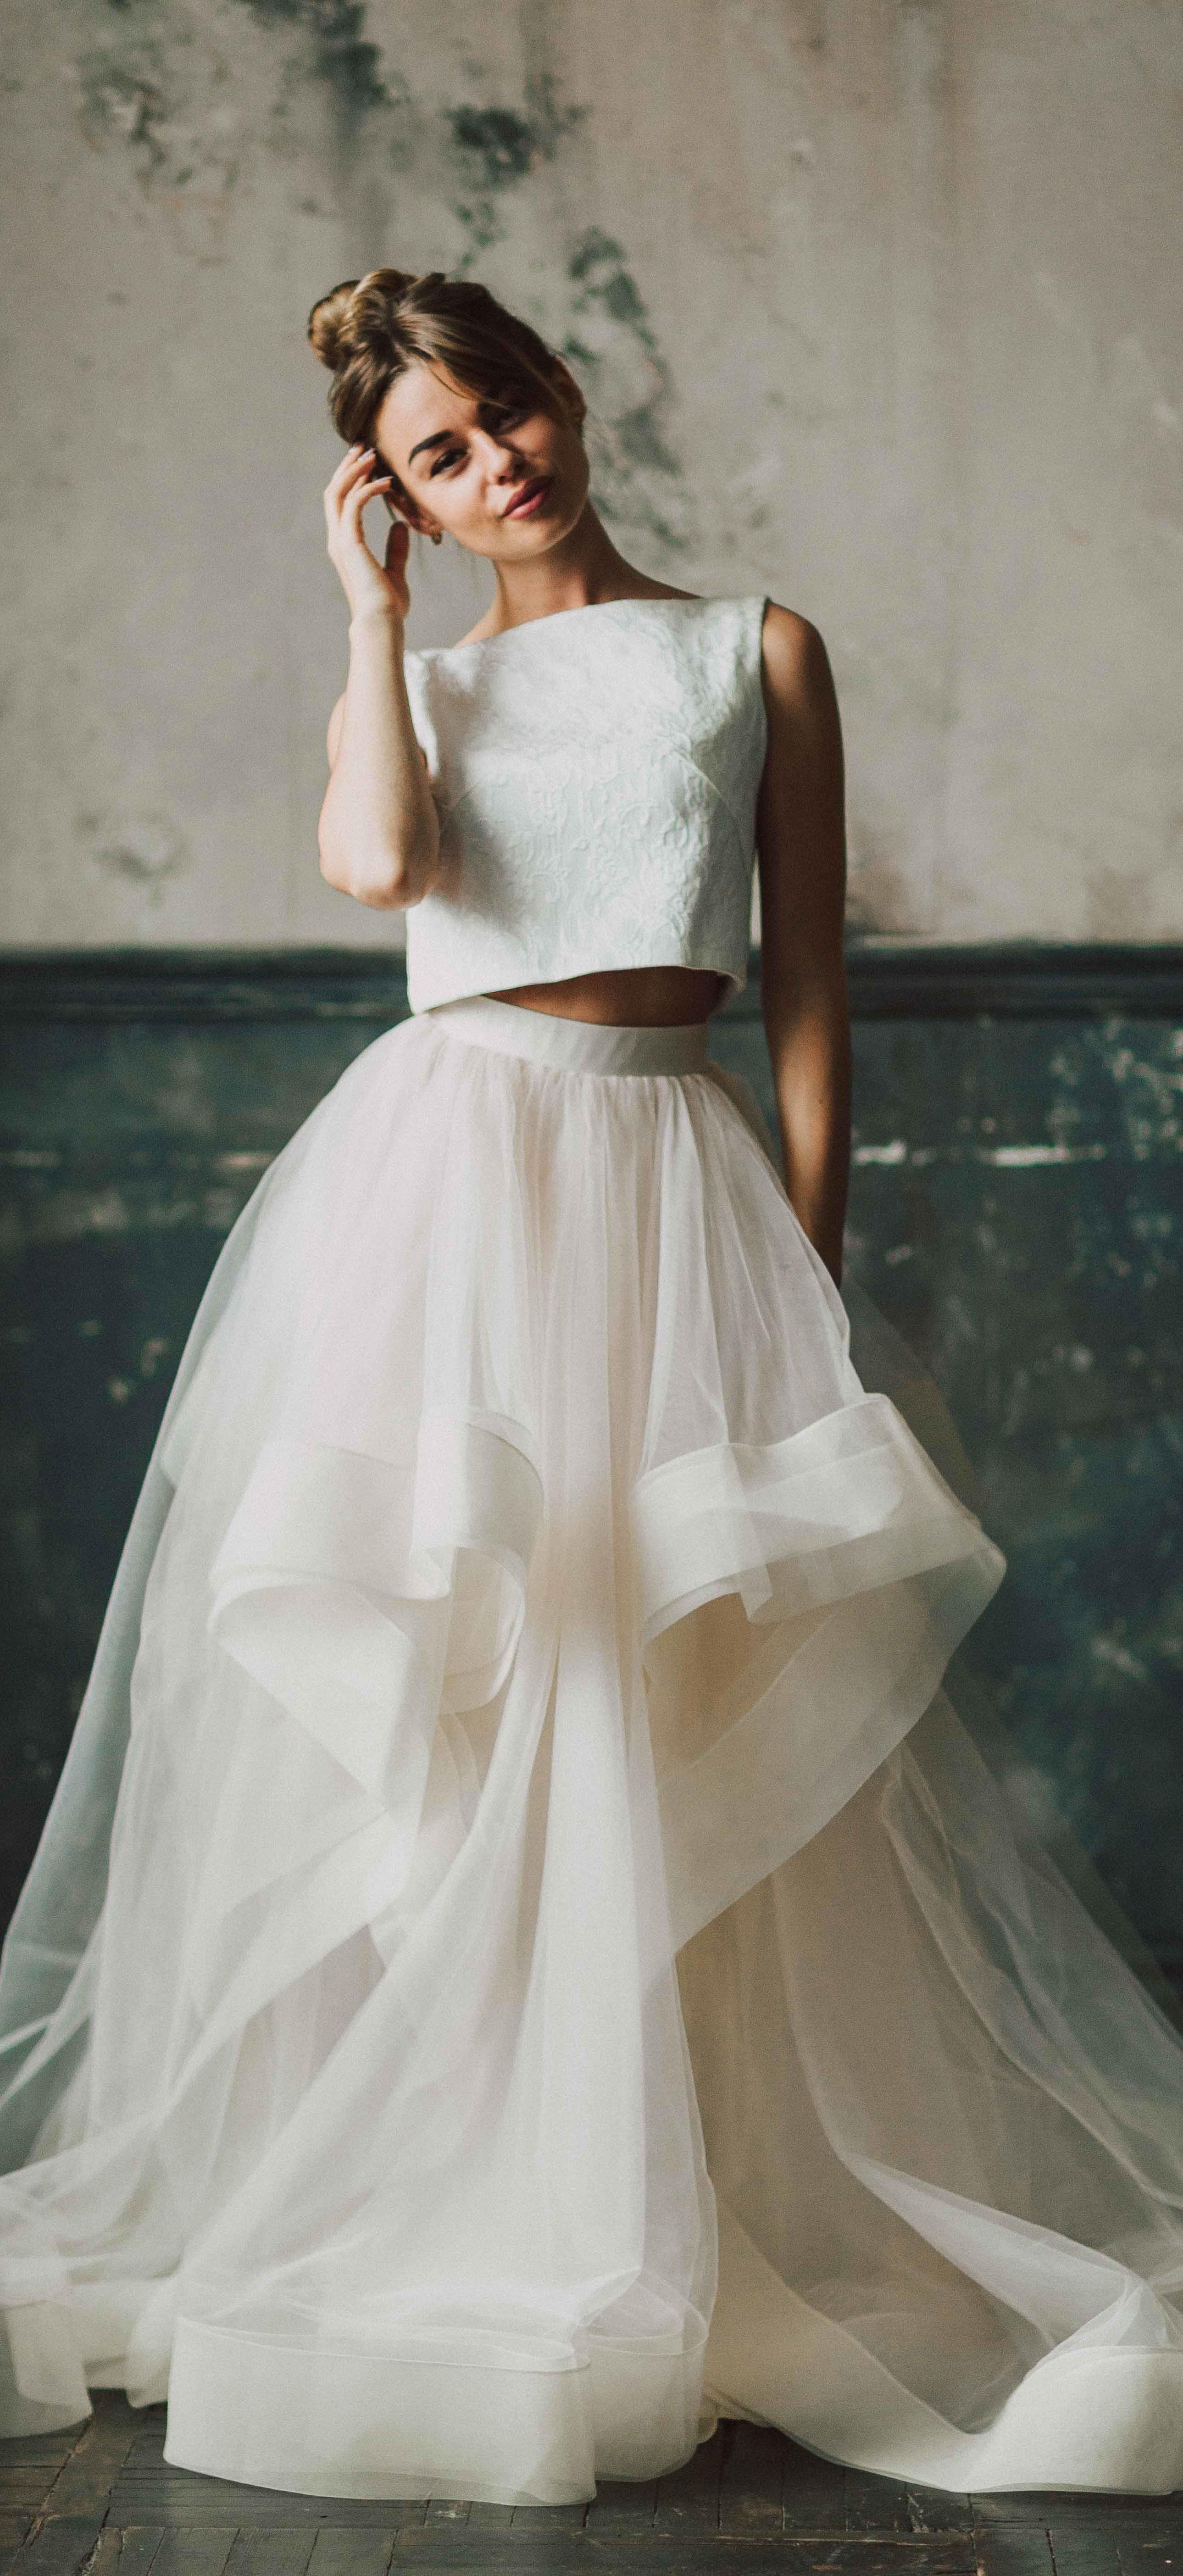 32b69ea2c17 Это раздельное свадебное платье трансформер с воланами от  fataiperya из  коллекции 2018 подходит для тех